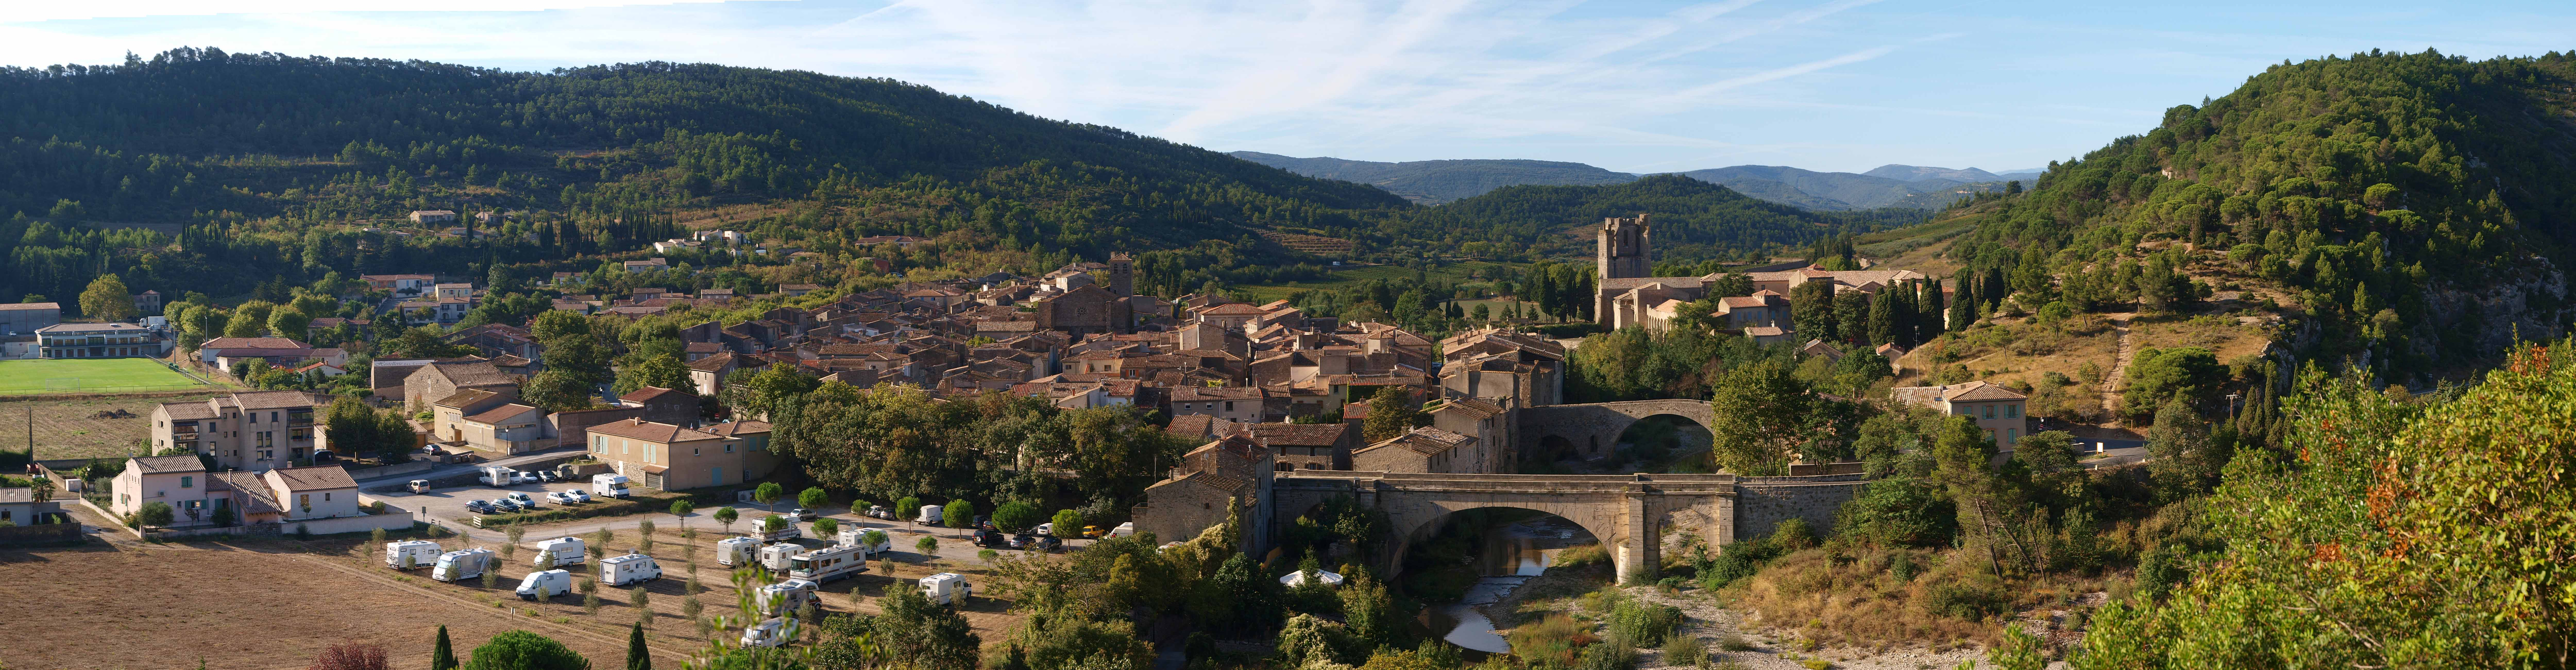 927-lagrasse-plus-beaux-villages-de-france-aube.jpg